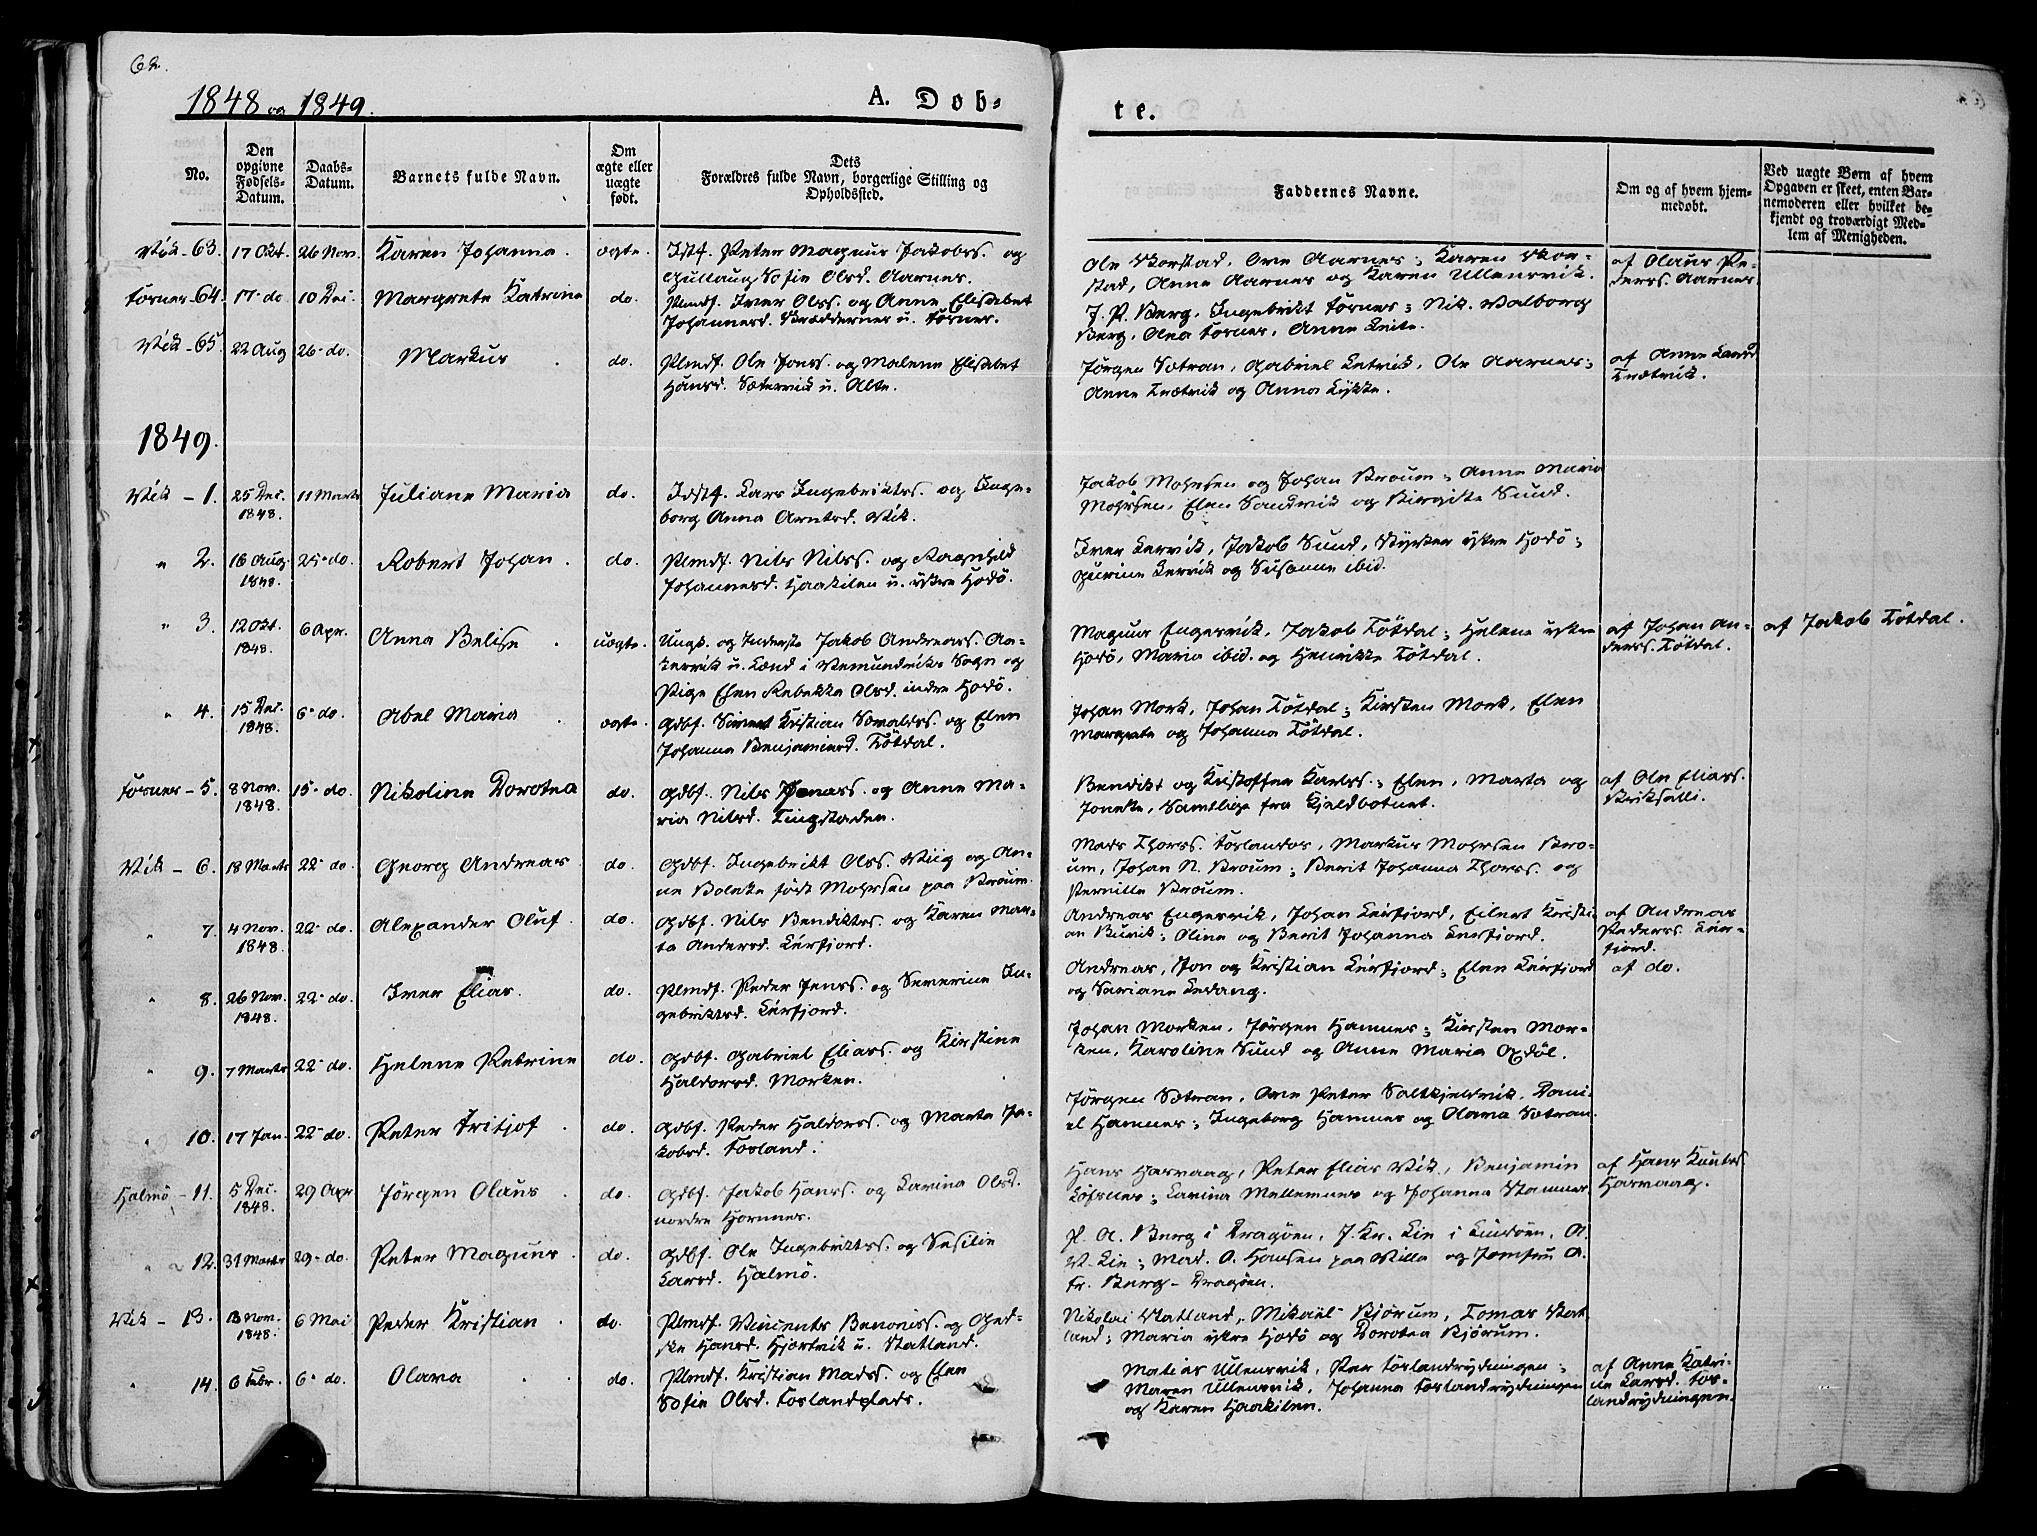 SAT, Ministerialprotokoller, klokkerbøker og fødselsregistre - Nord-Trøndelag, 773/L0614: Ministerialbok nr. 773A05, 1831-1856, s. 62